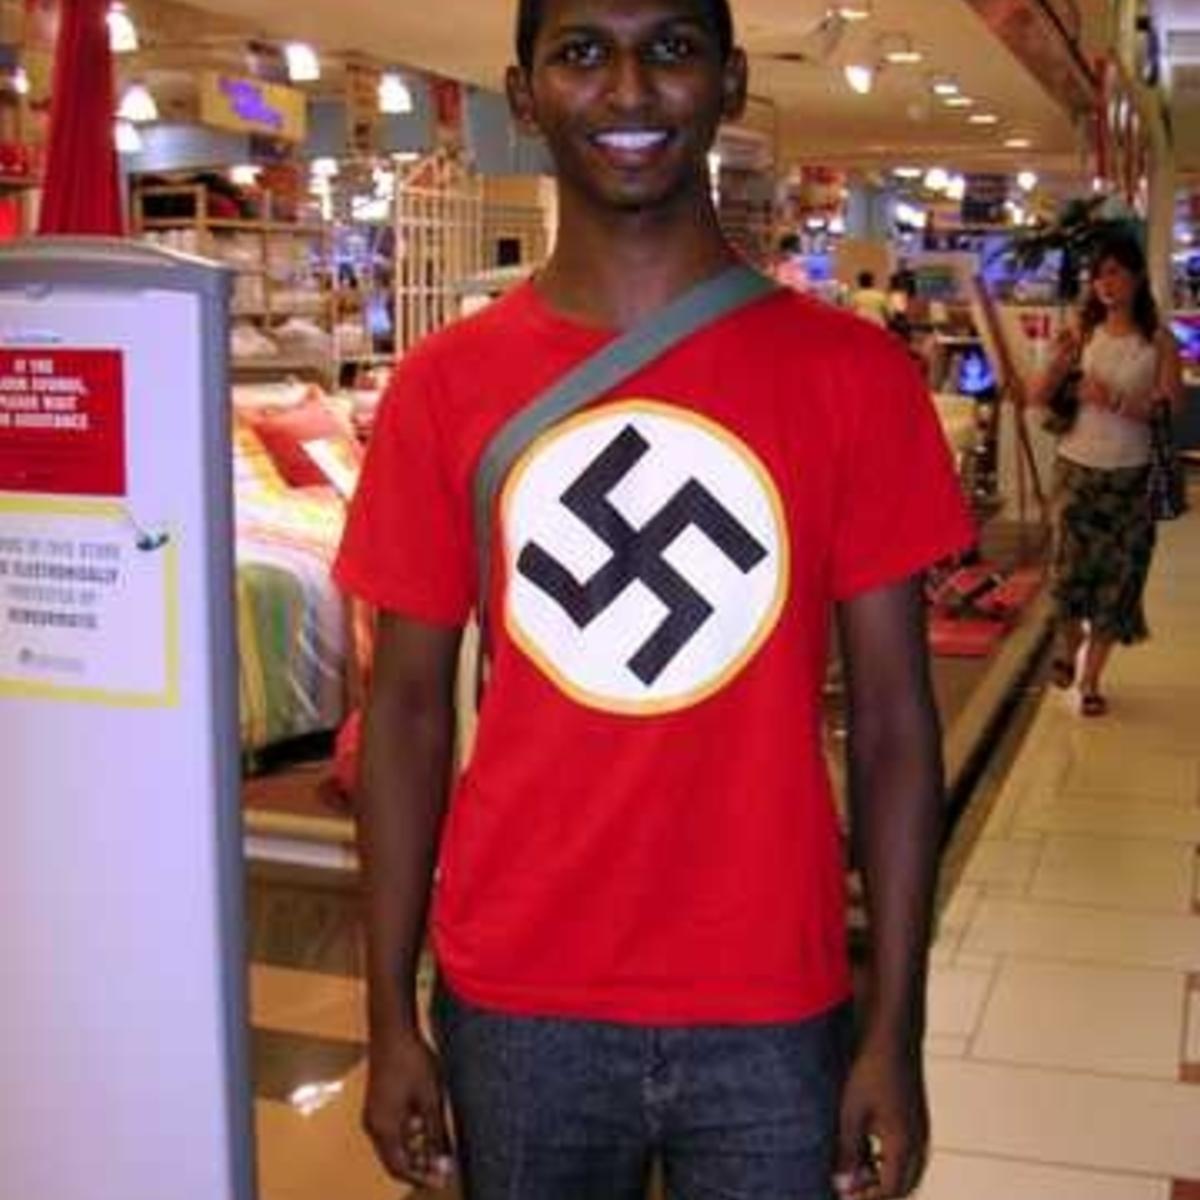 Некто южный хлопець в майке с солярным символом (не так ли, вукроиньци?)